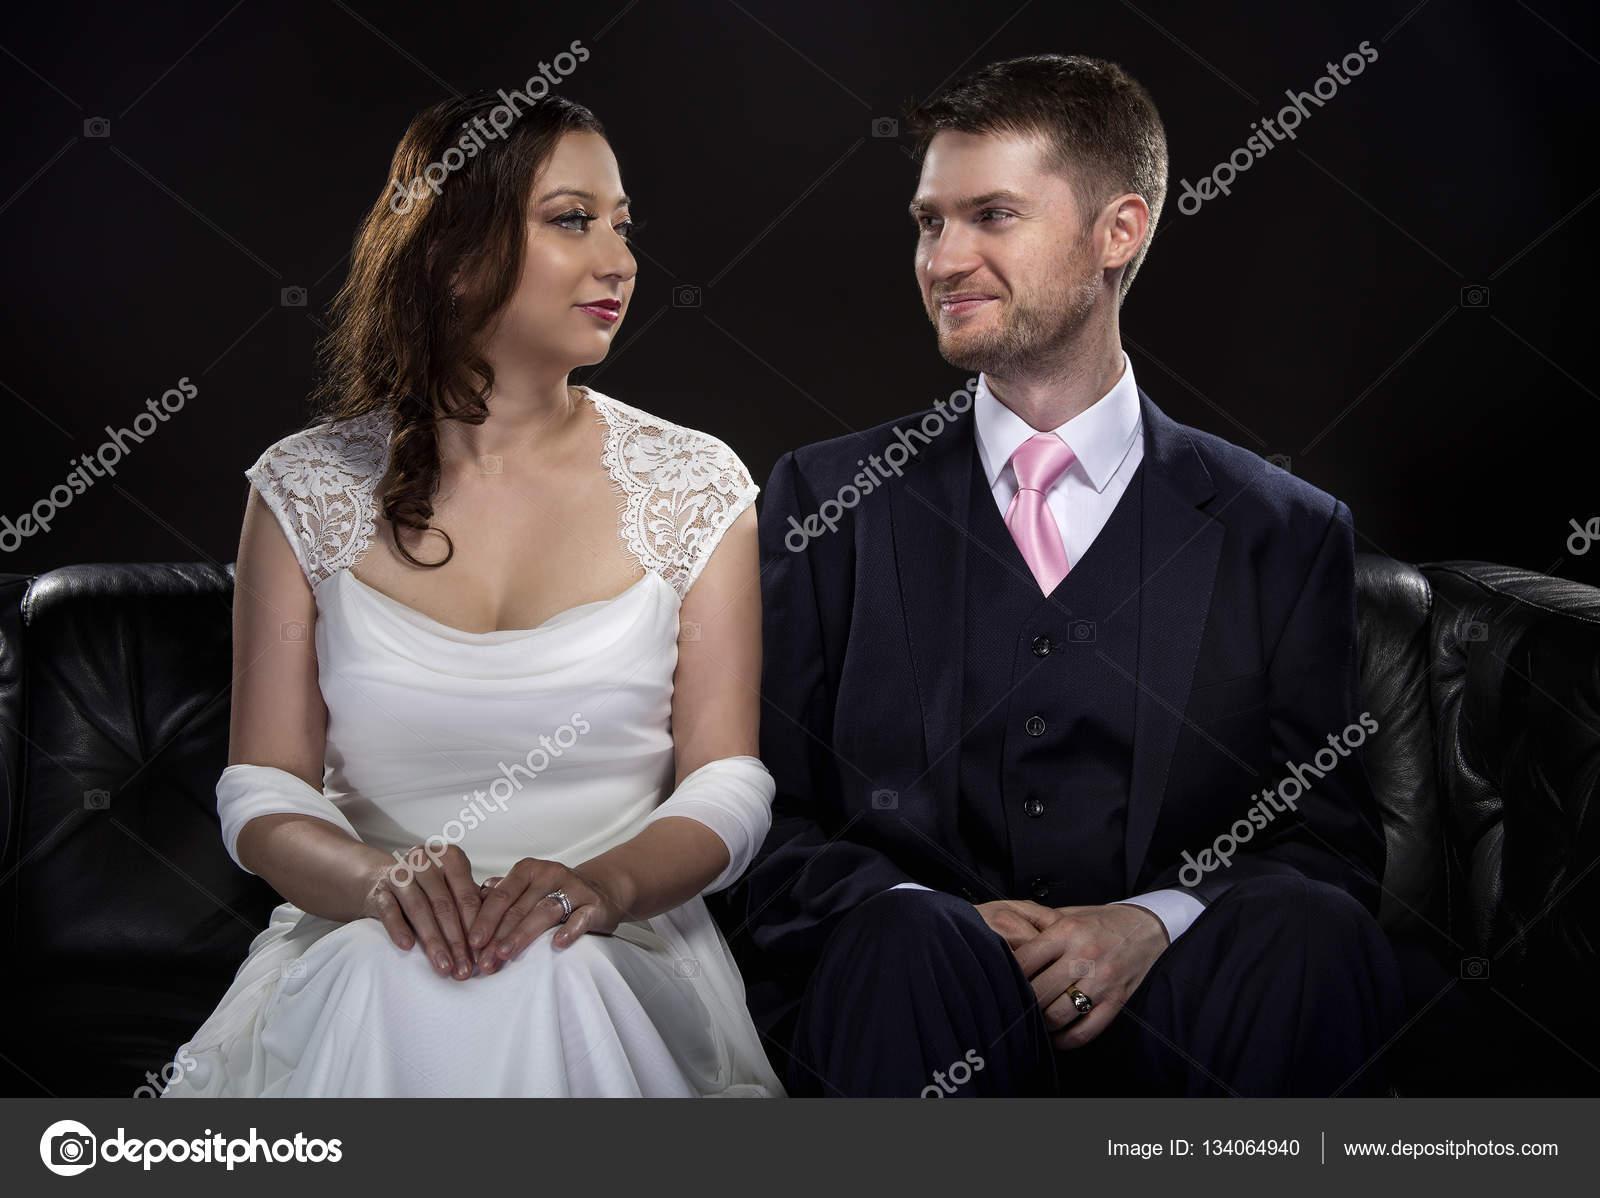 Brautpaar, Modellierung, stilvolle Hochzeitsanzug und Brautkleid ...